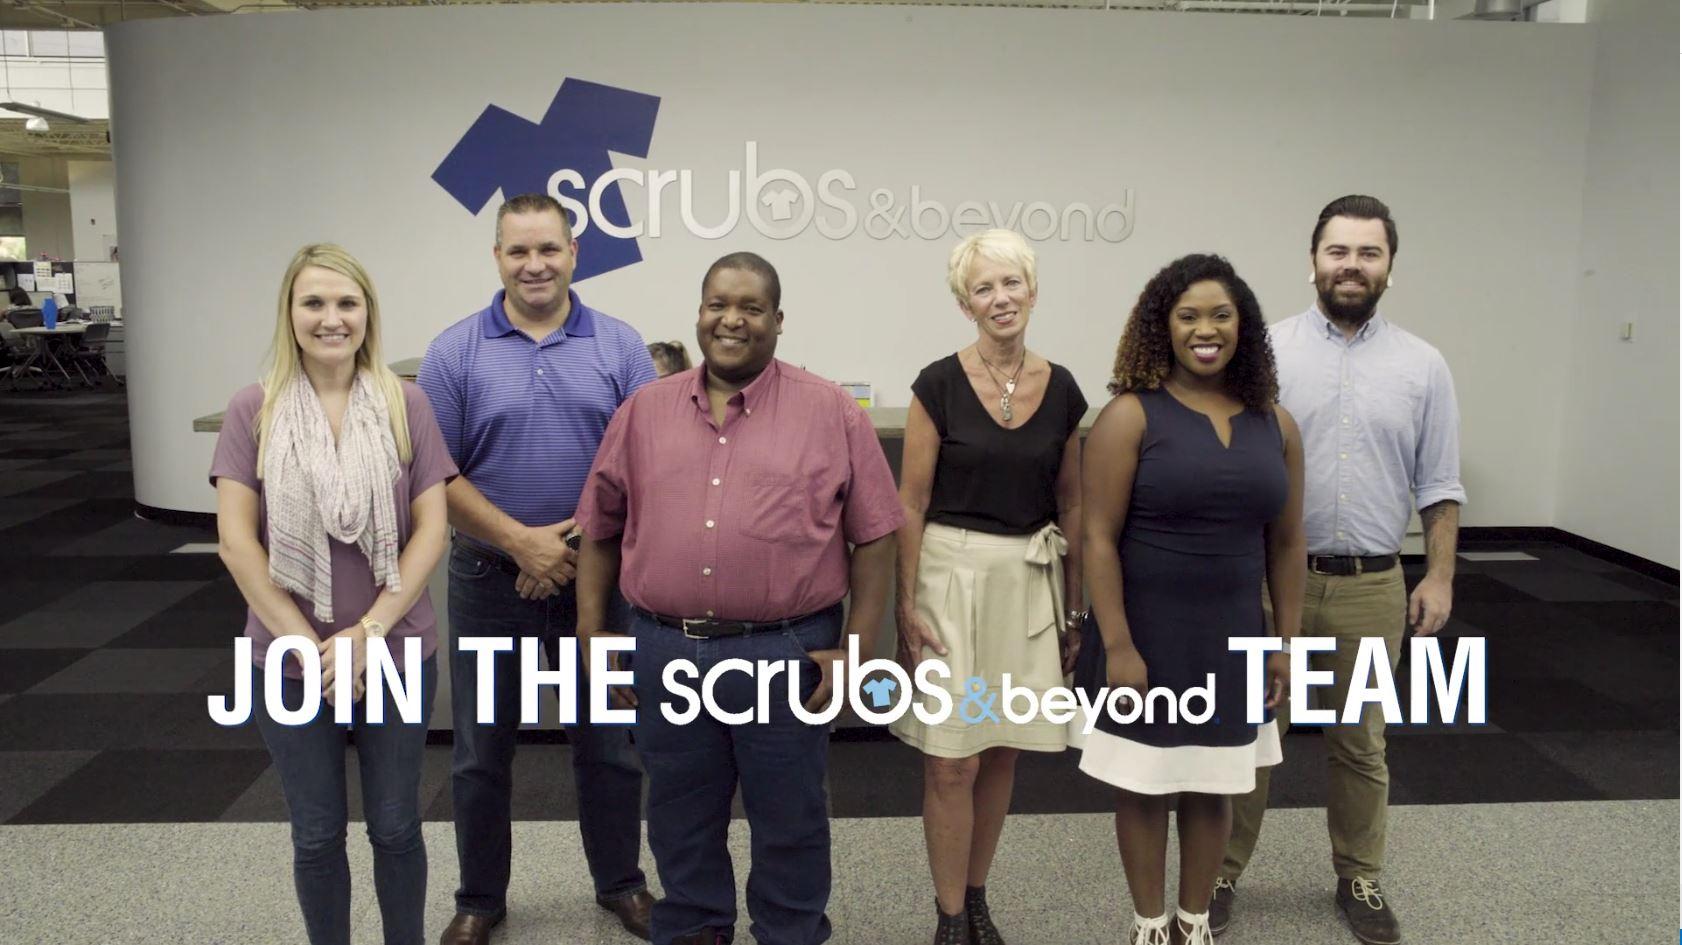 Scrubs & Beyond Employee Recruitment